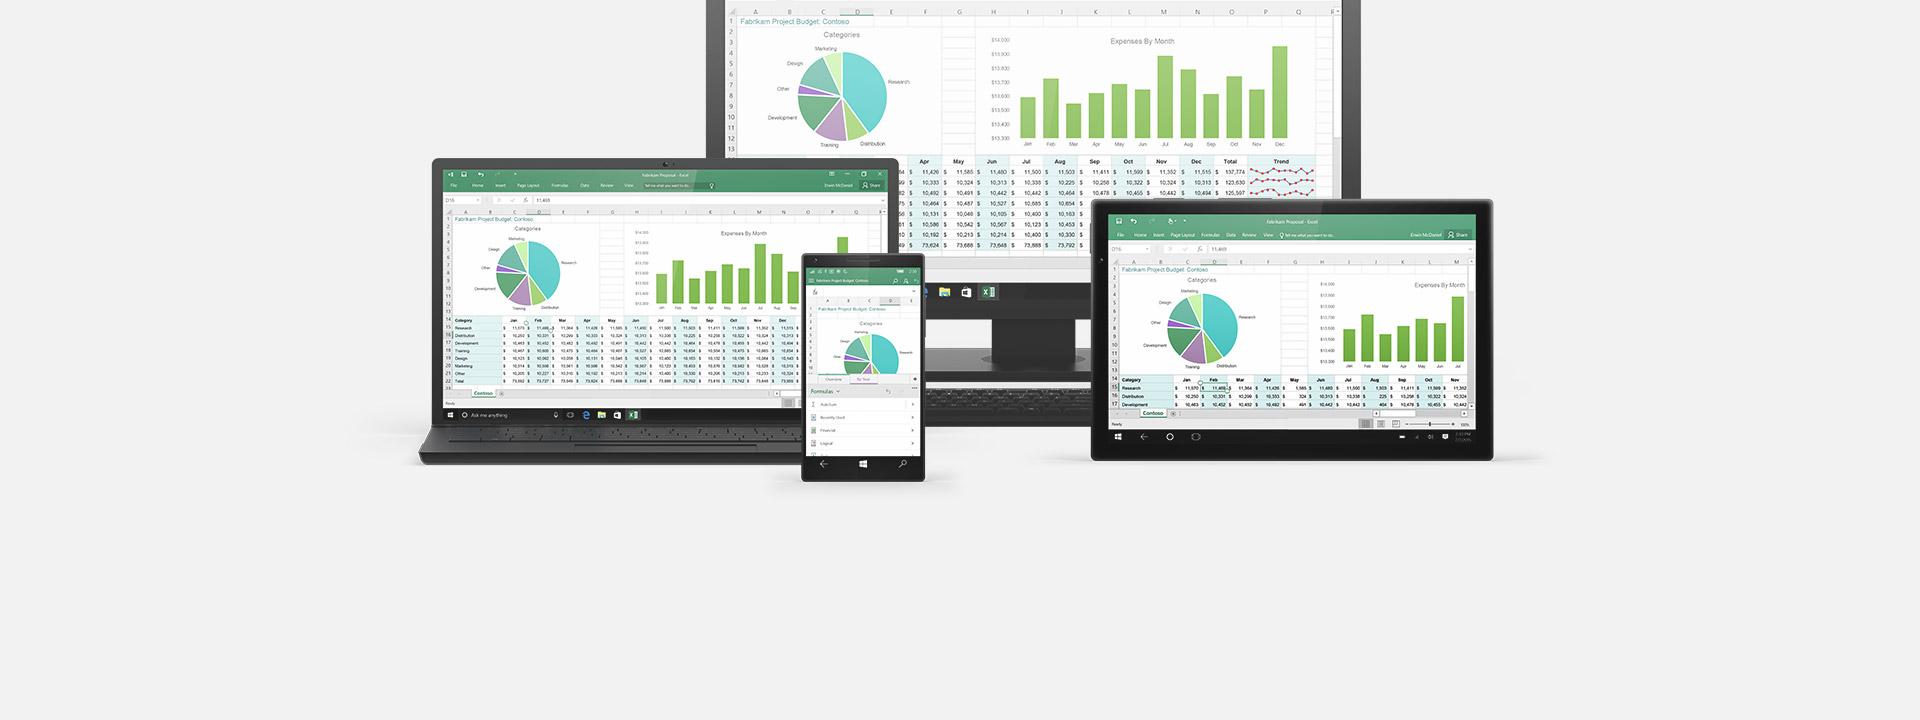 Varios dispositivos, más información sobre Office 365